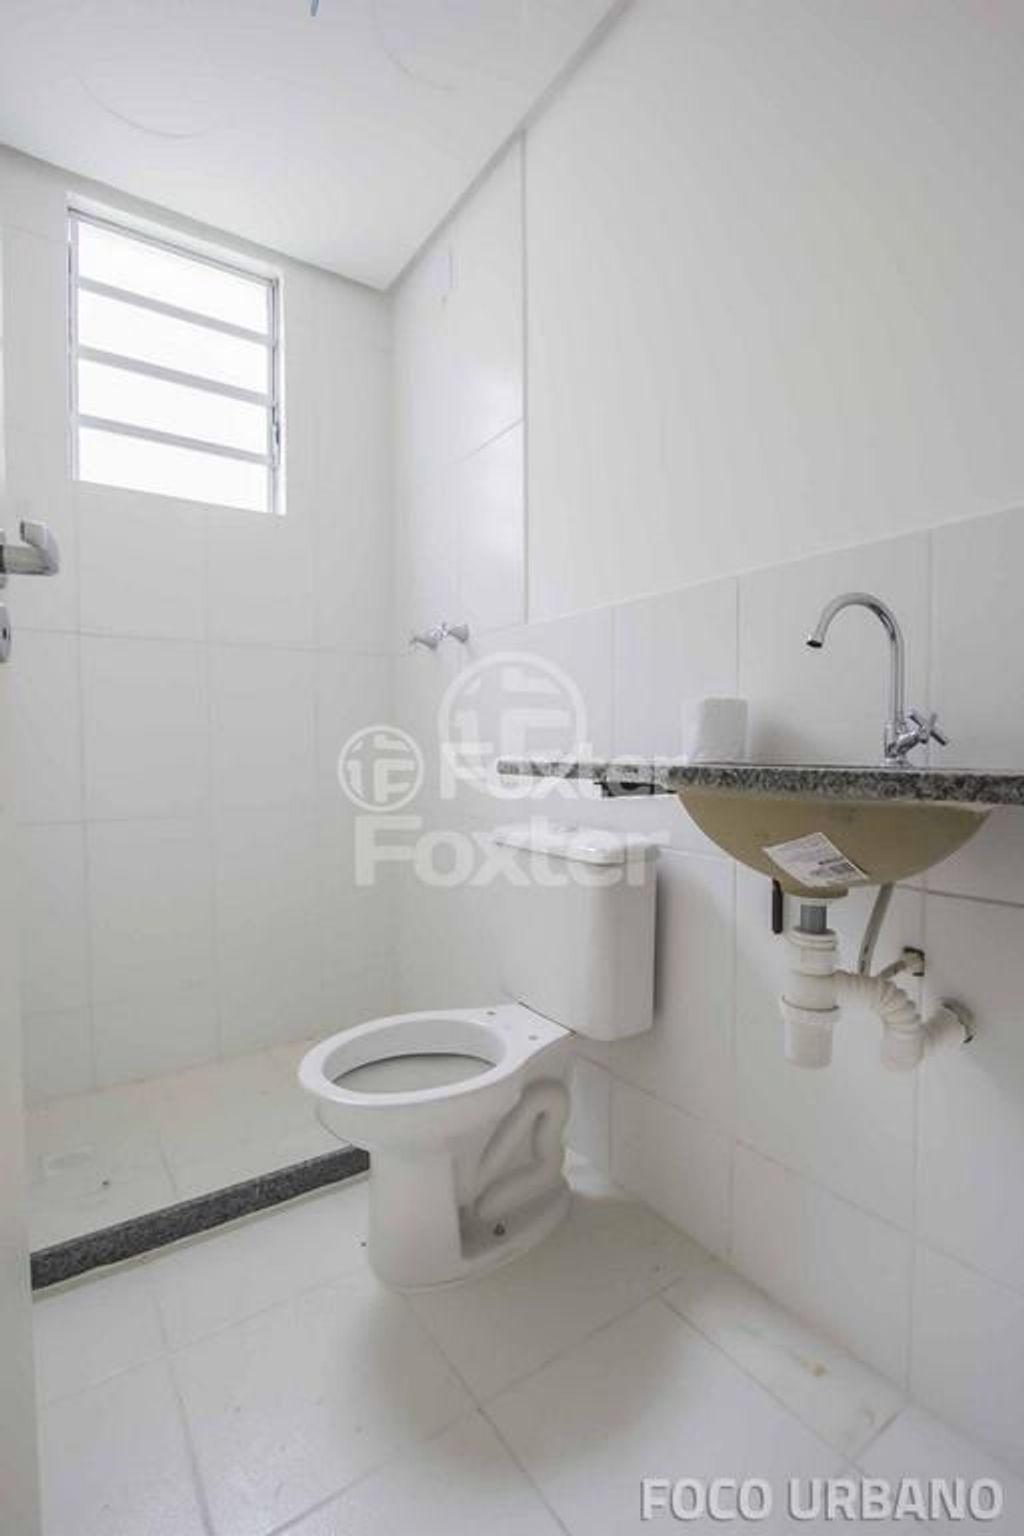 Apto 3 Dorm, Nonoai, Porto Alegre (110833) - Foto 5